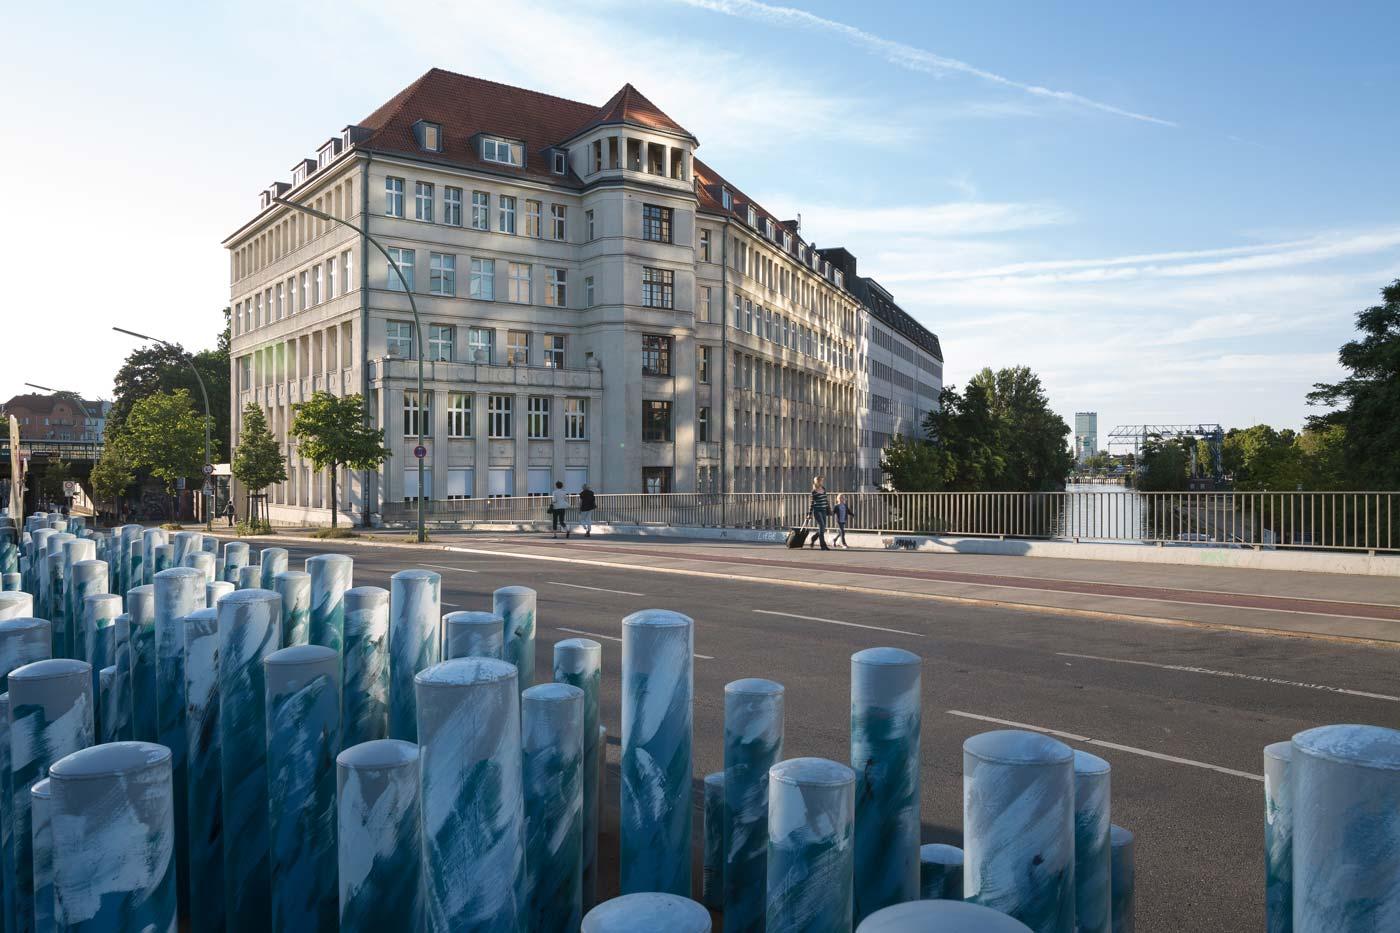 Sonnenallee in Berlin © Erich Sinzinger